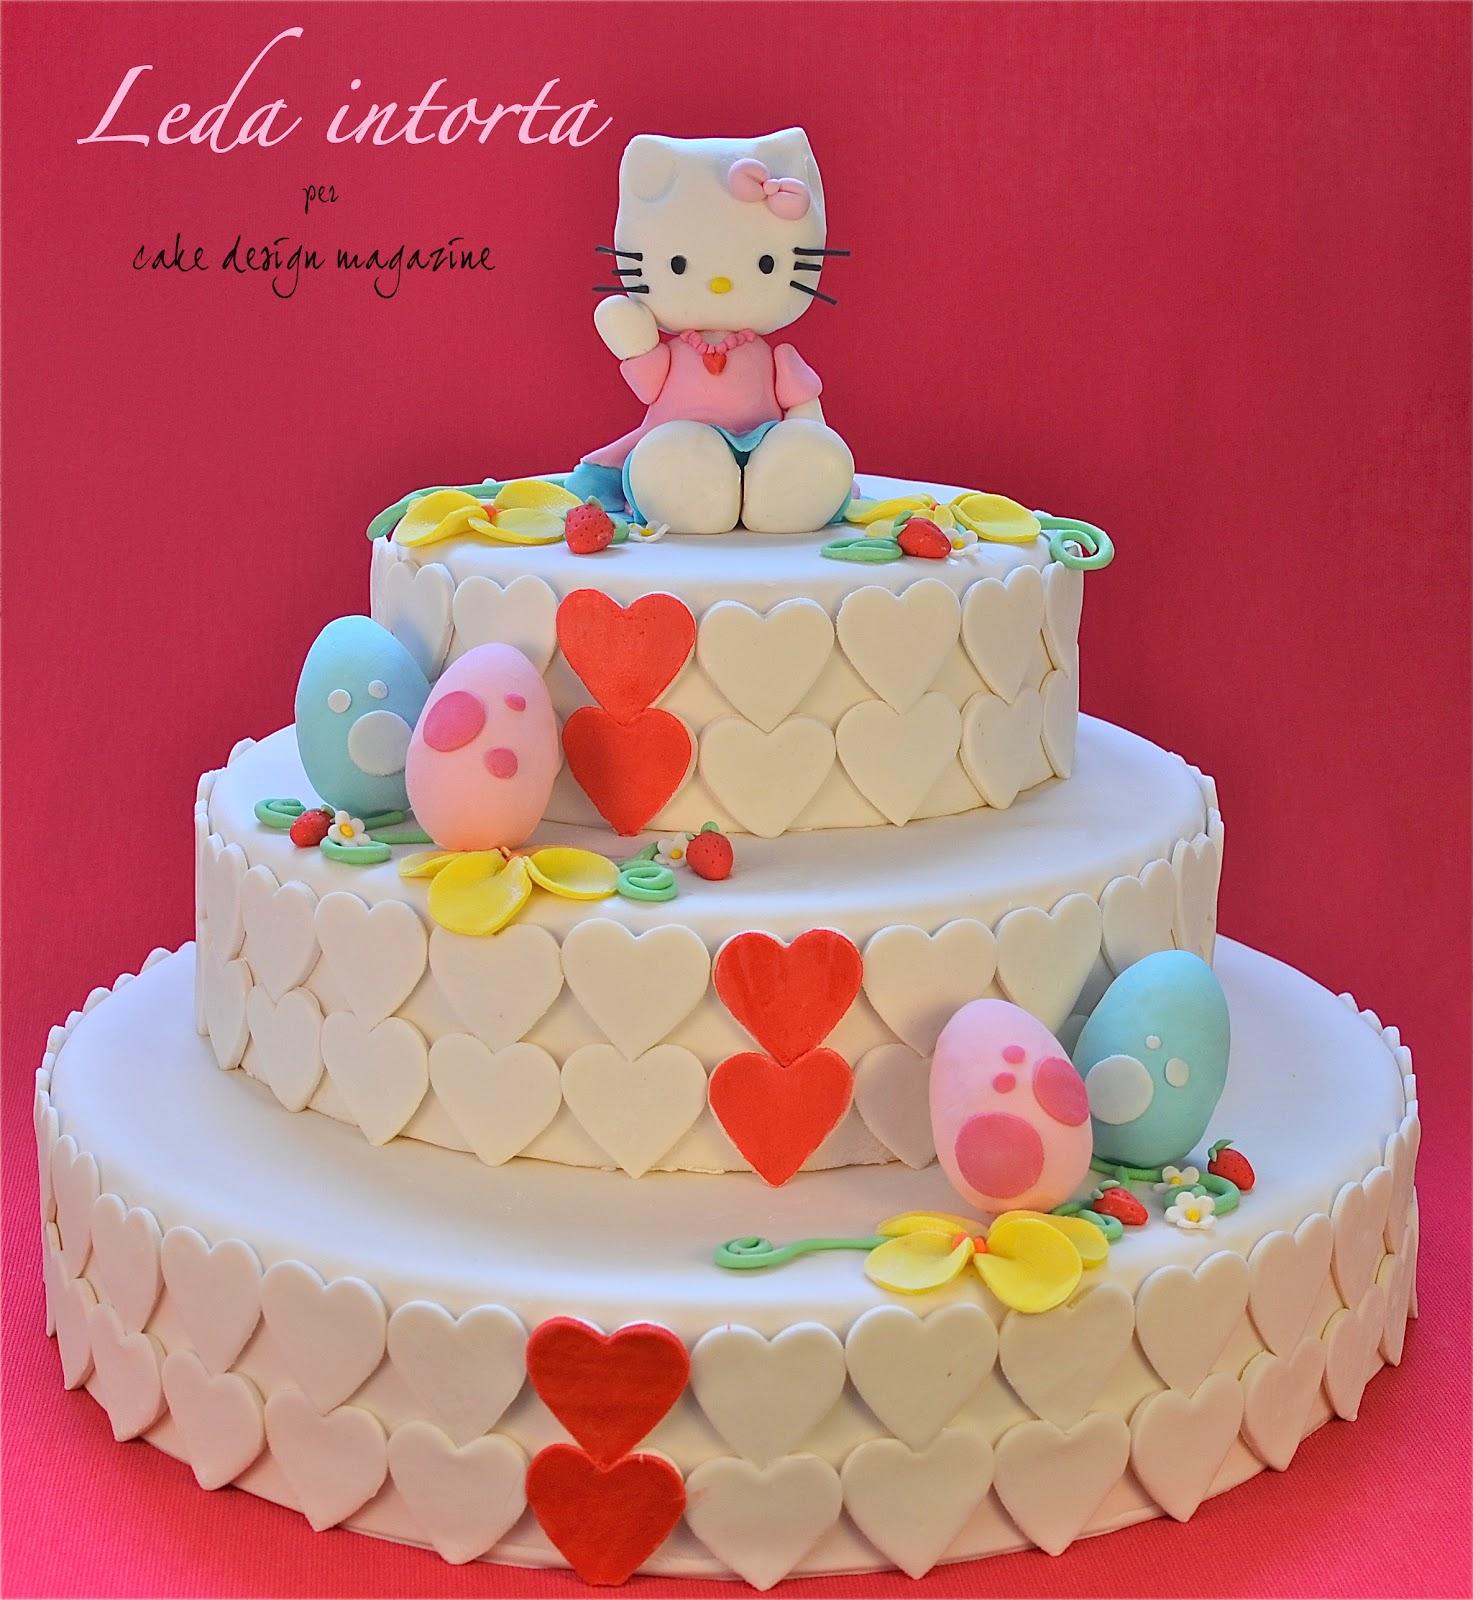 Hello Kitty, Hello kitty in pasta di zucchero, torta Hello Kitty, torta decorata, le torte di Leda, Leda intorta, come fare una torta in pasta di zucchero.